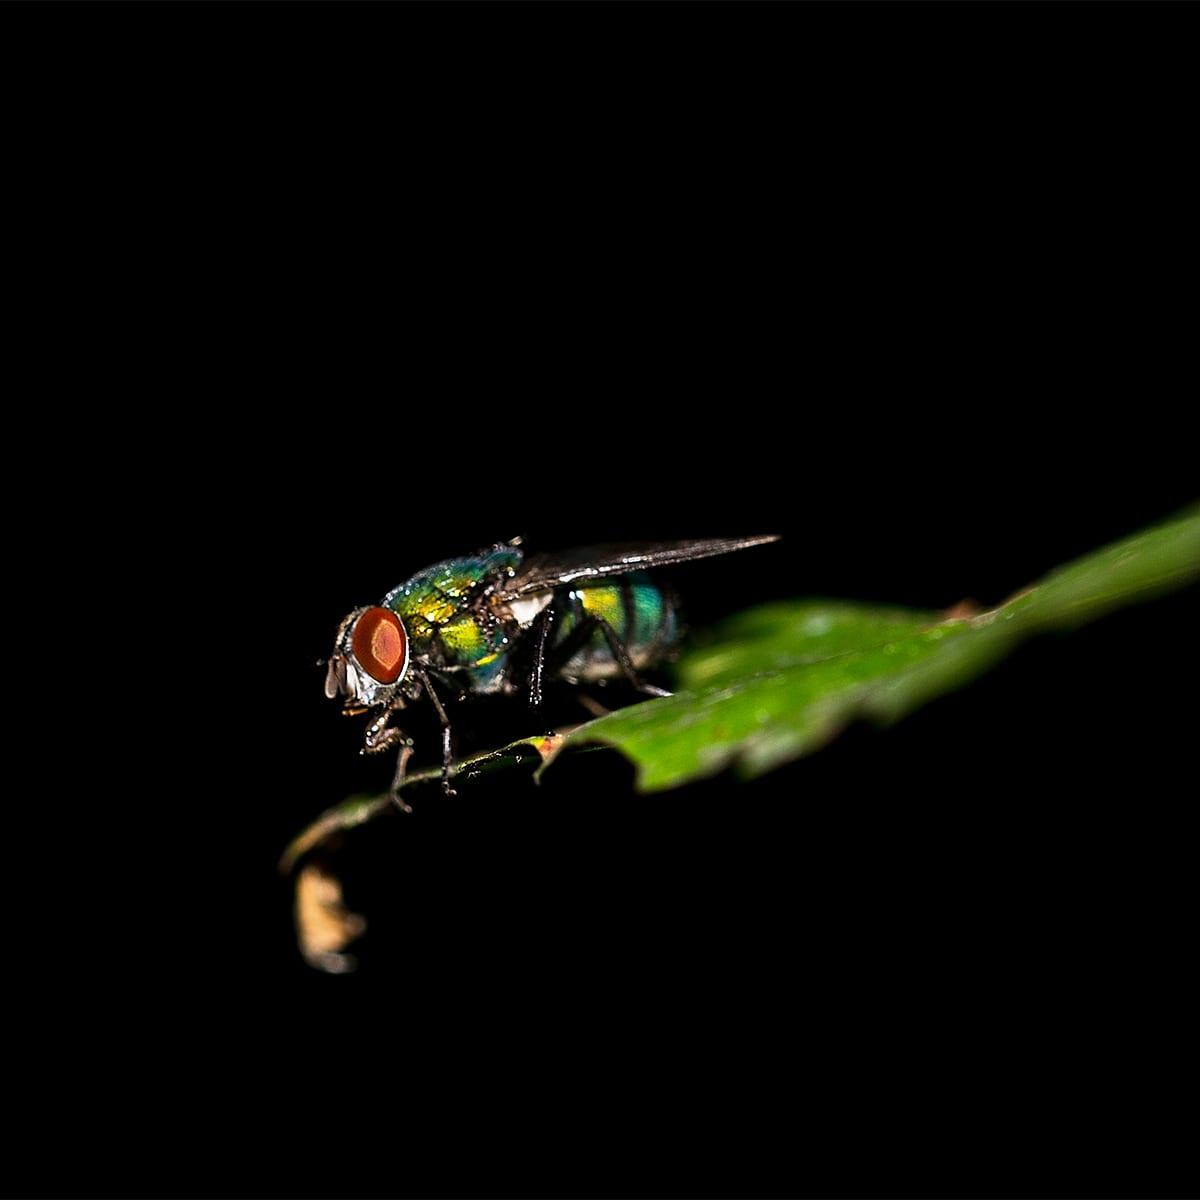 Bottle Fly on a Leaf